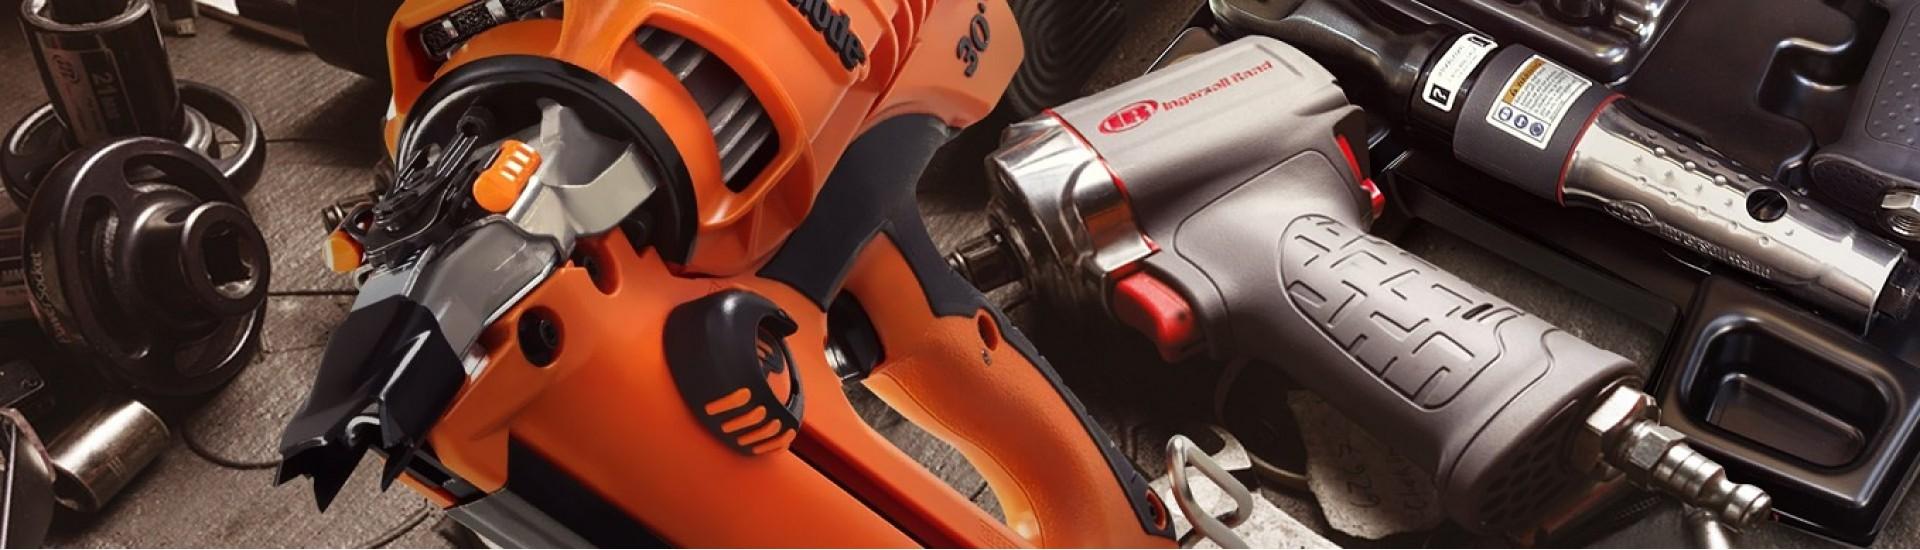 ابزار بادی و کمپرسور ، Air Tools & Compressors